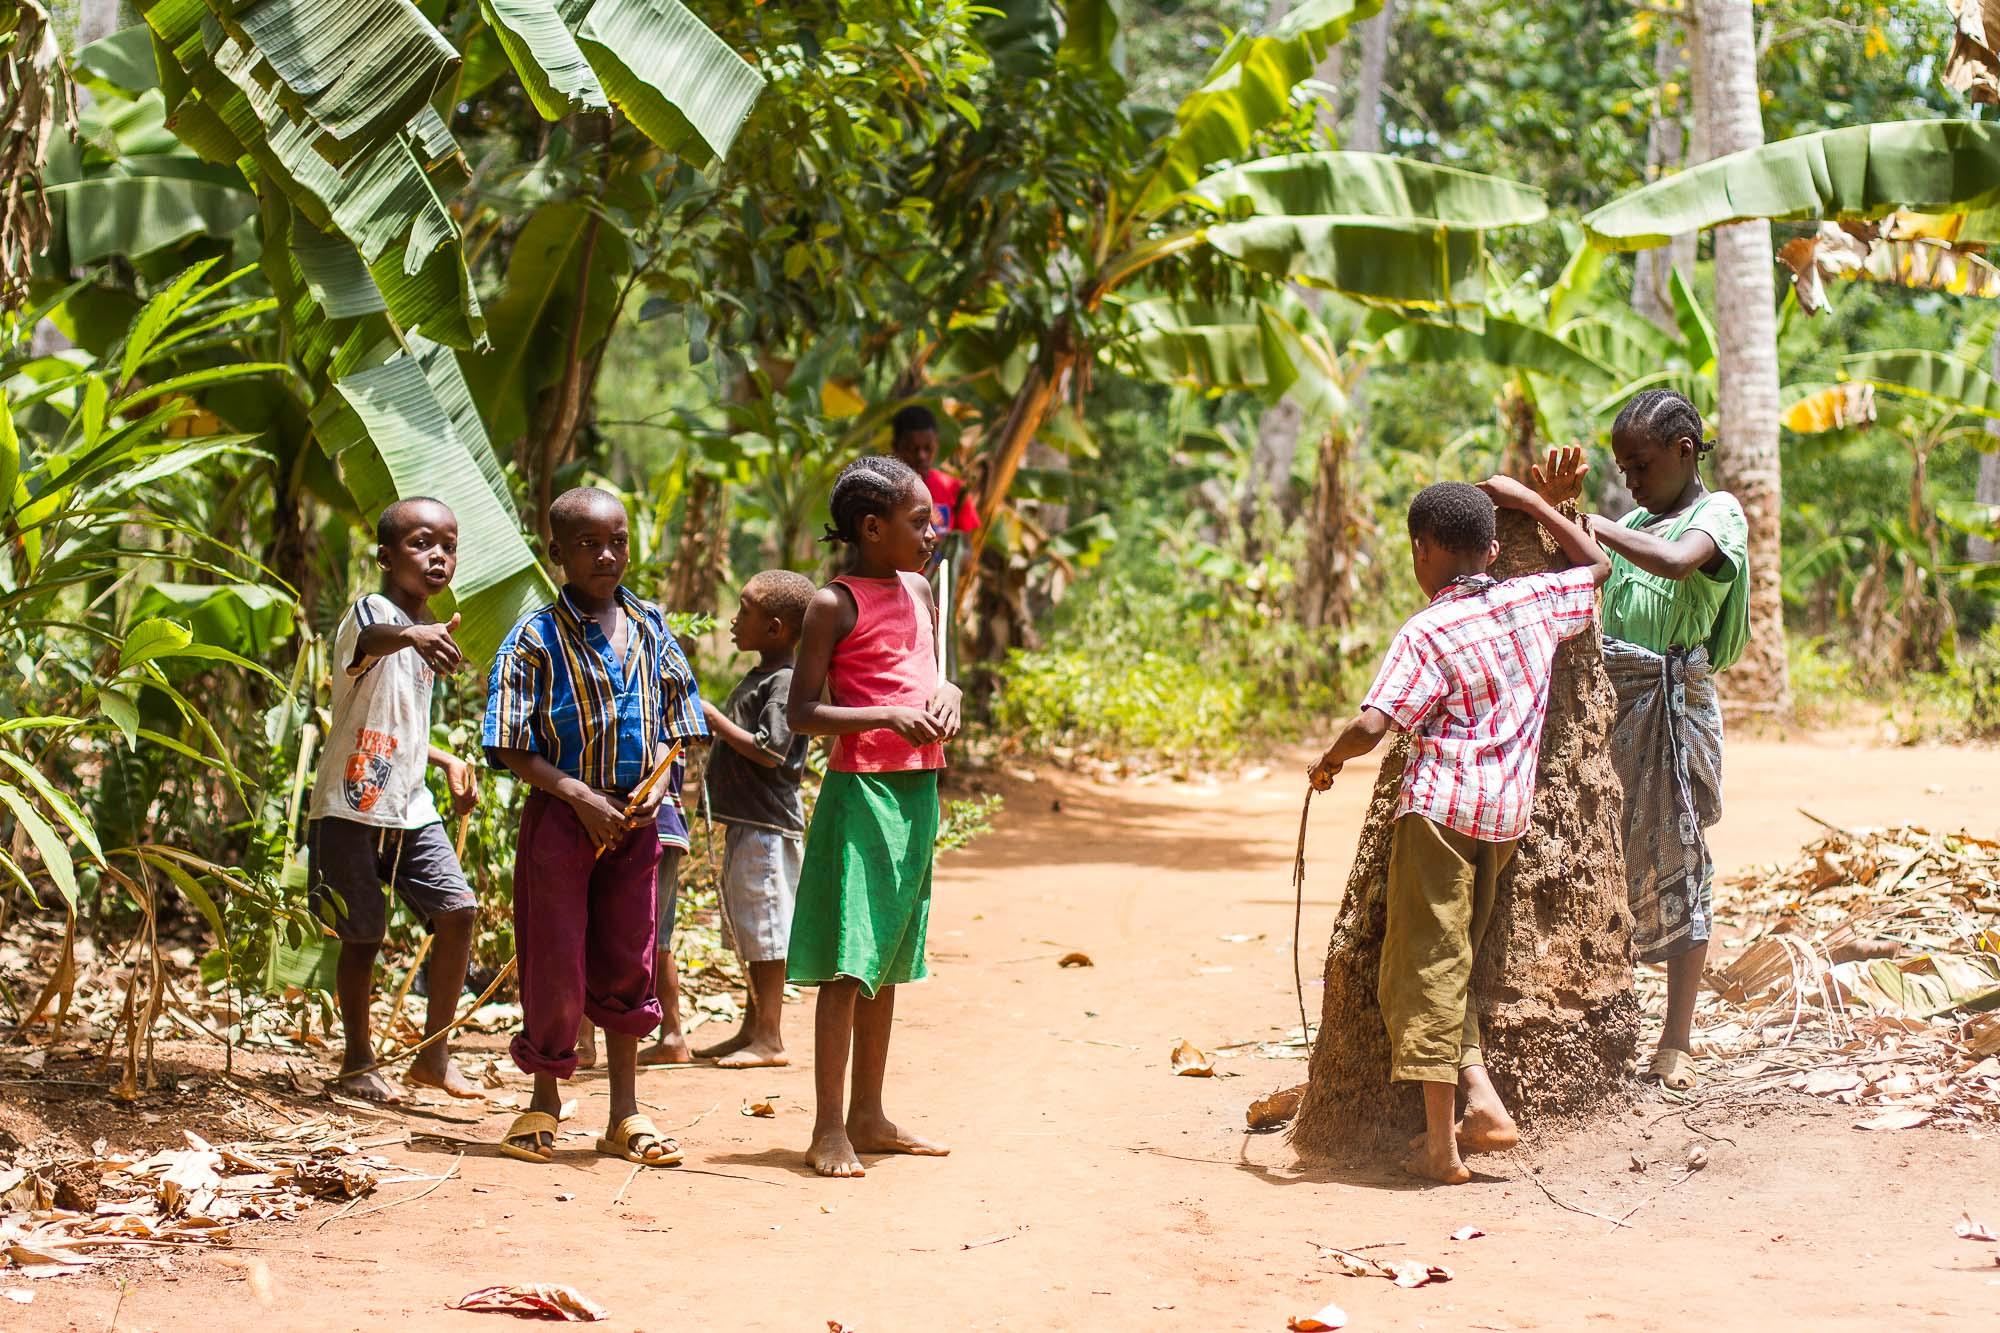 Tanzania 2011 # 5162